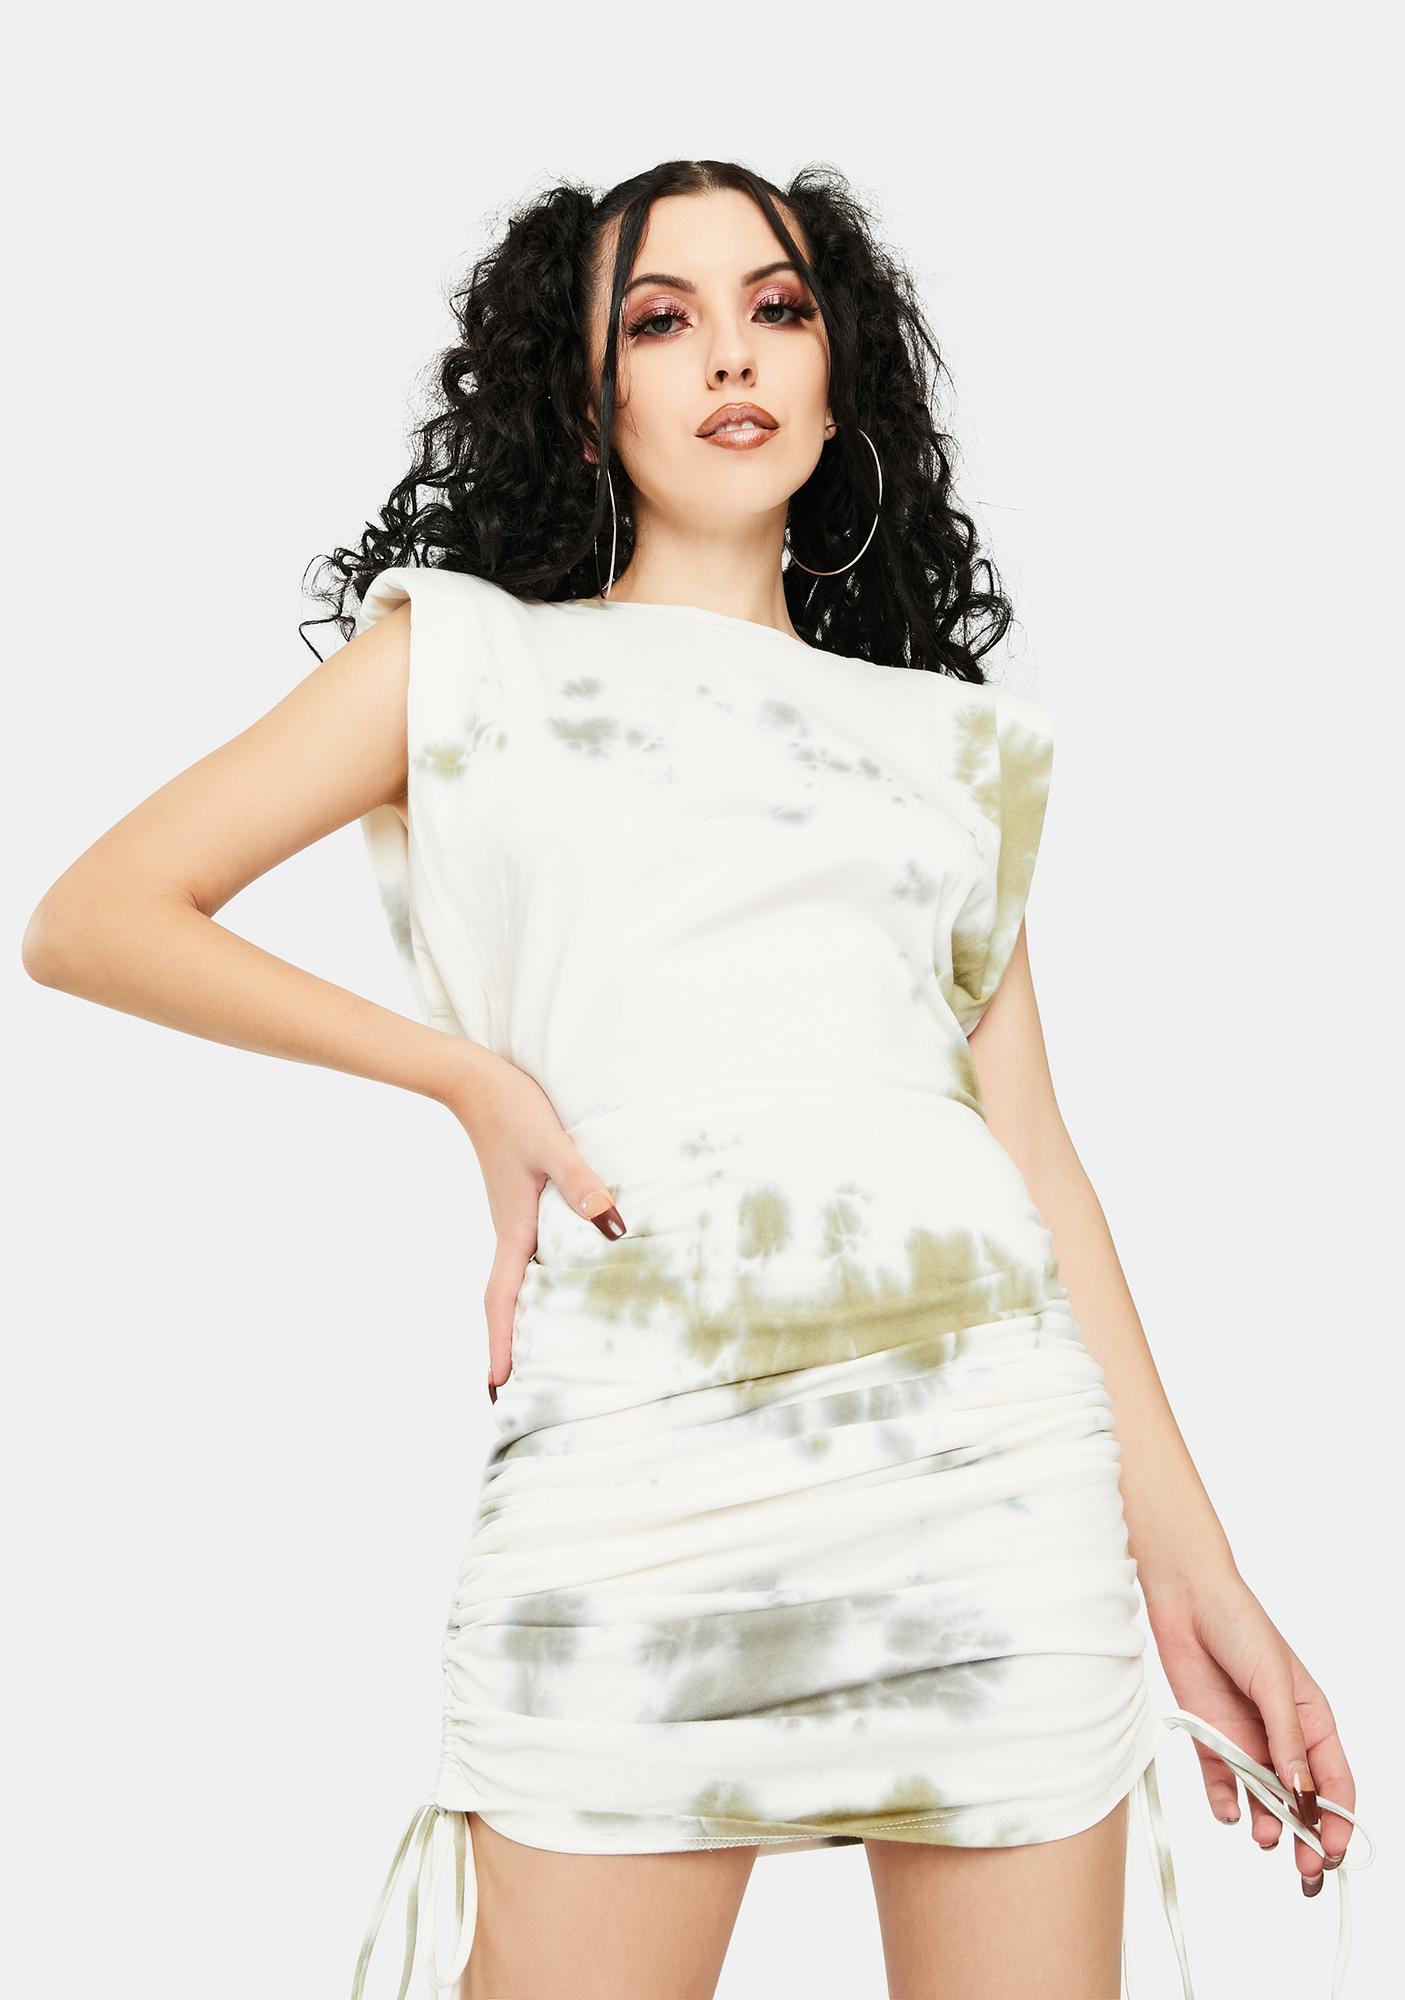 BY DYLN Khaki Tie Dye Miles Mini Dress